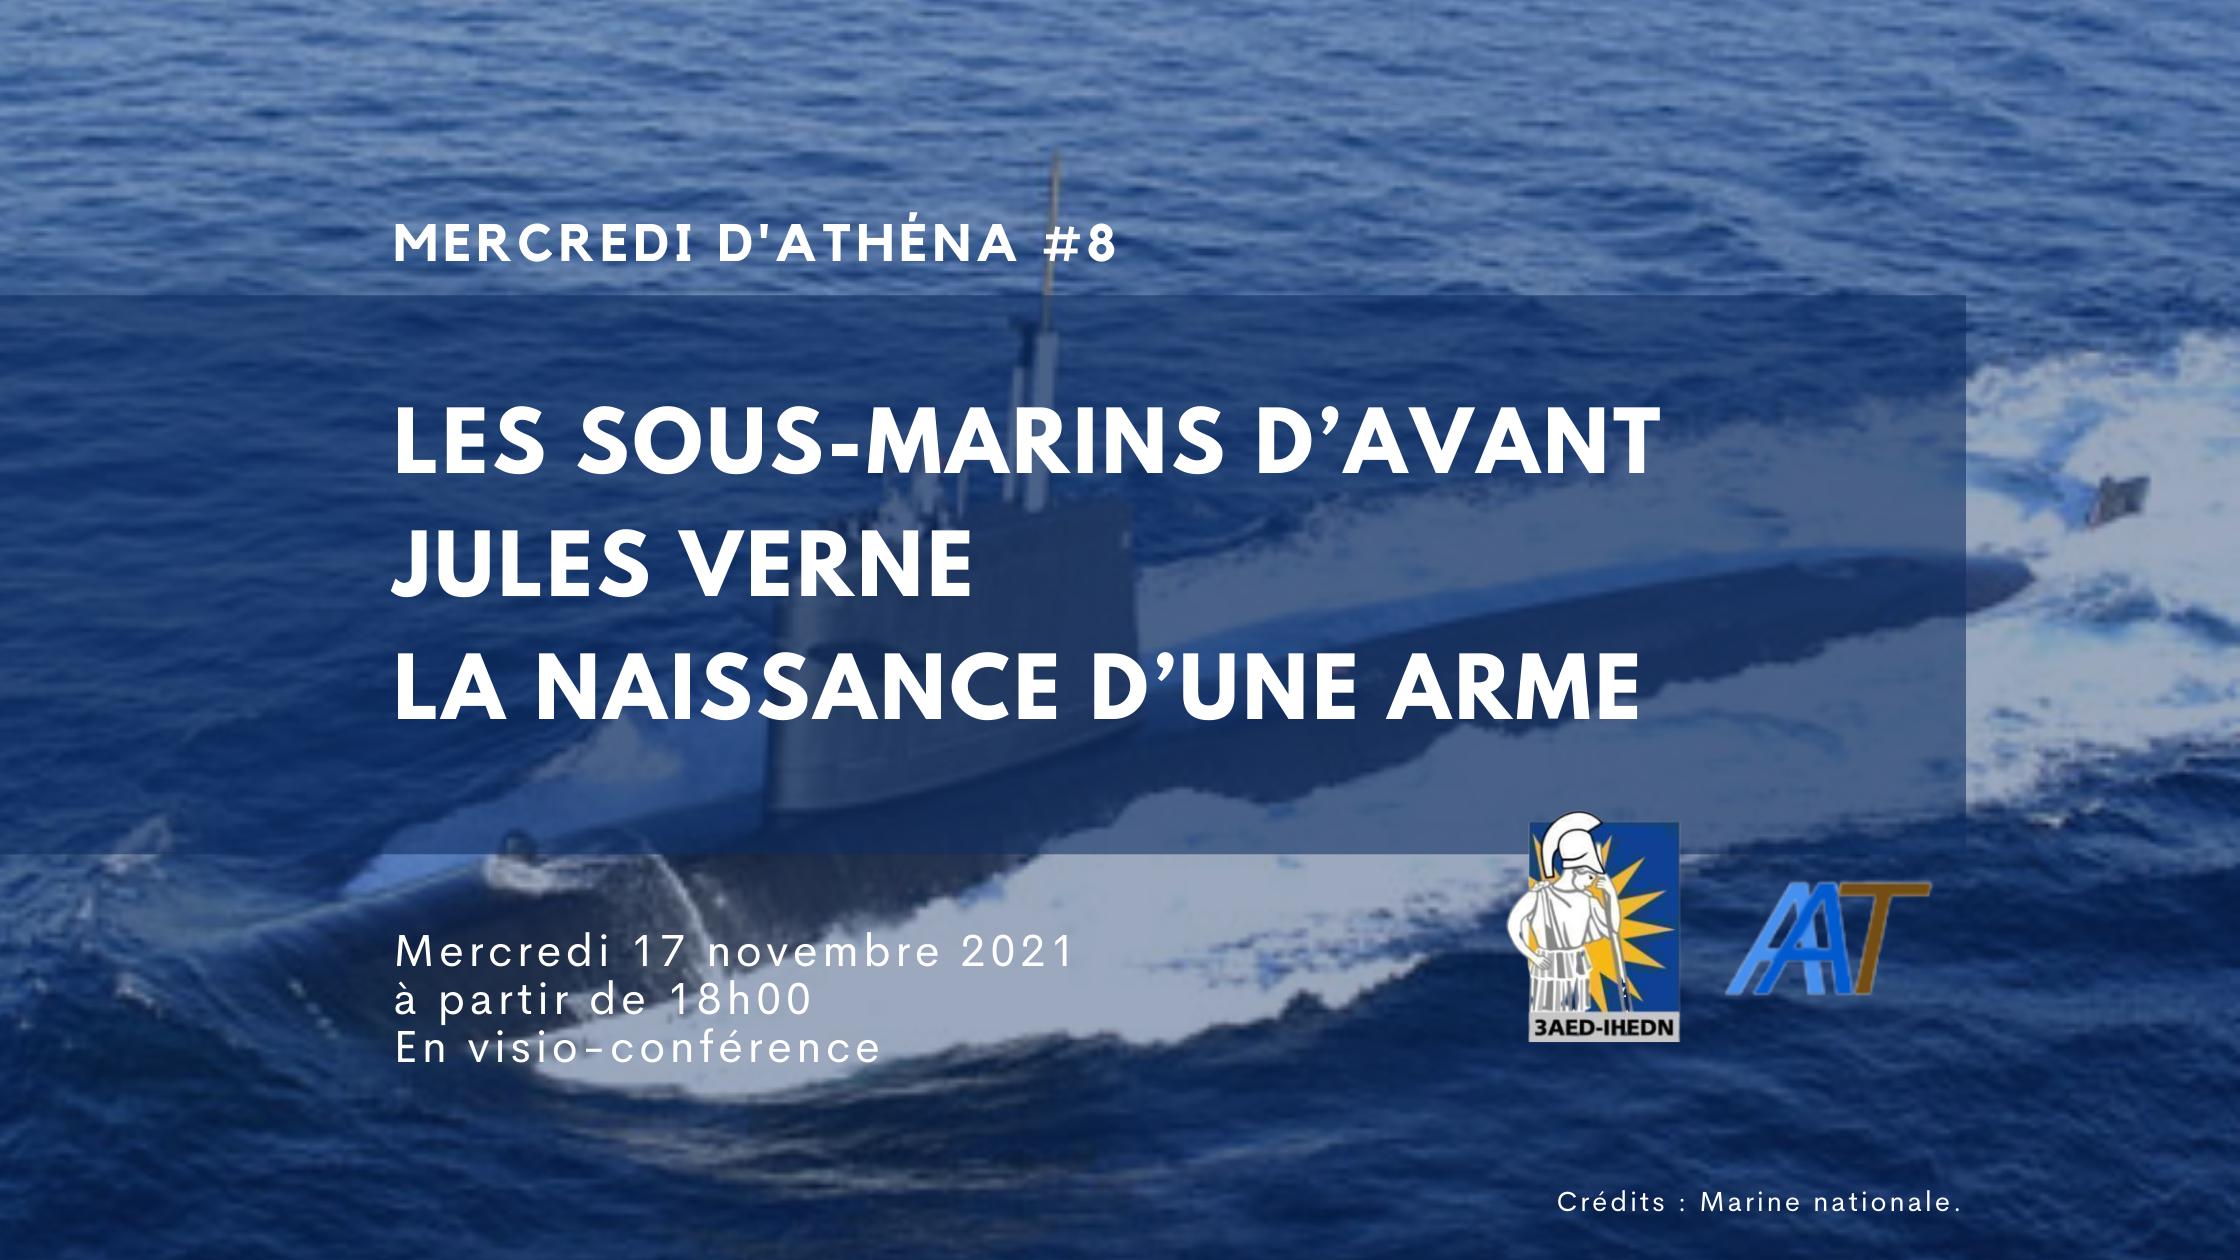 Mercredi d'Athéna #8 |Les sous-marins d'avant Jules Verne – la naissance d'une arme